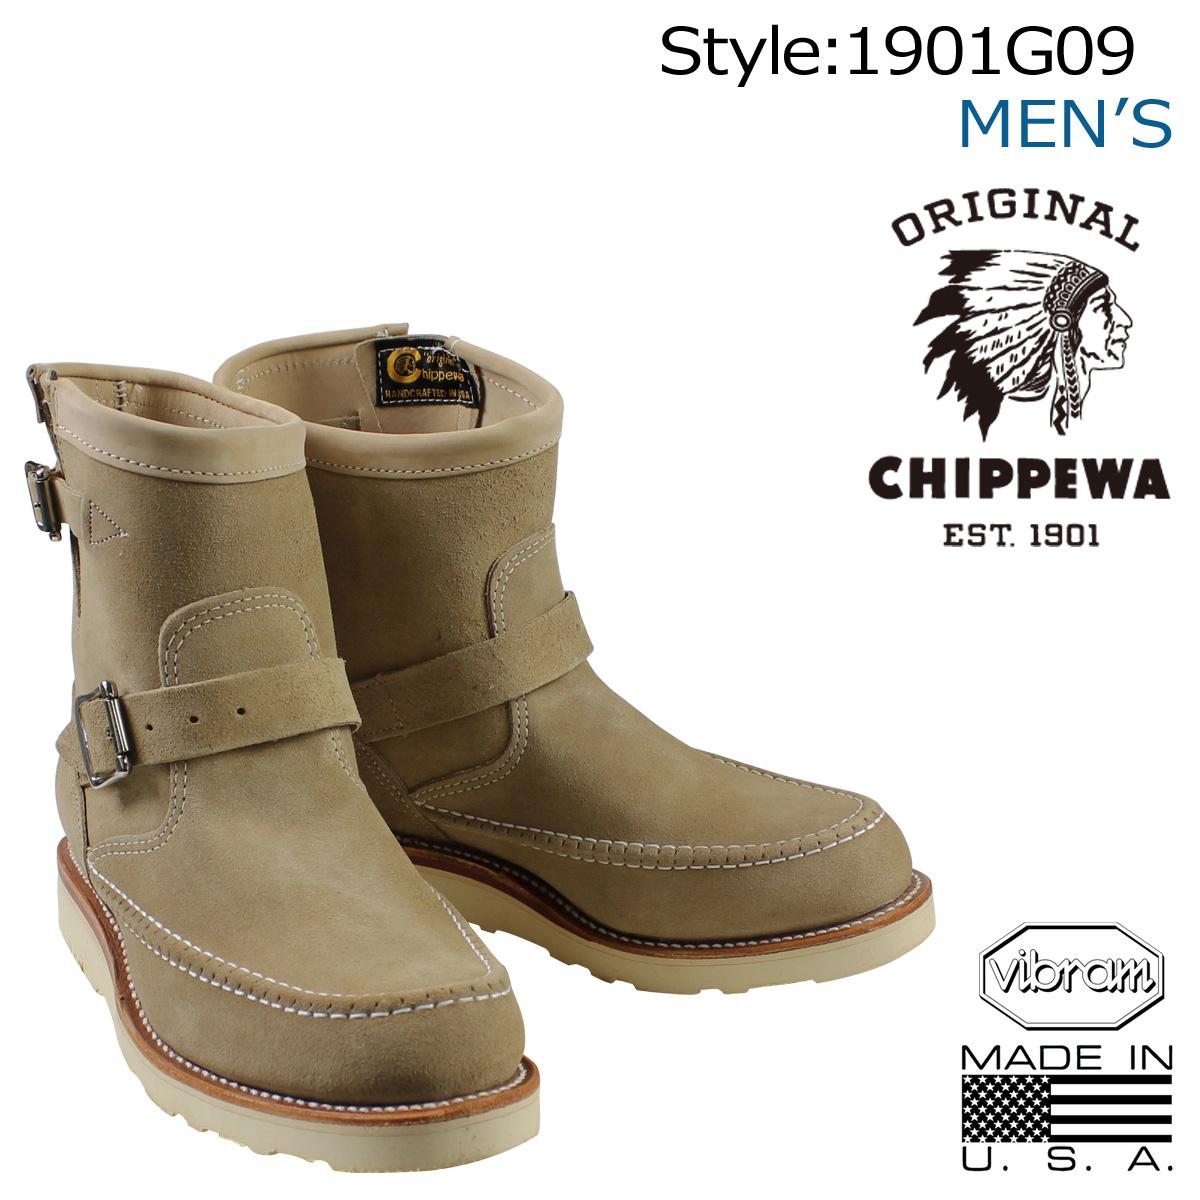 CHIPPEWA チペワ ブーツ 7インチ ハイランダー エンジニア 7INCH HIGHLANDER ENGINEER 1901G09 Eワイズ サンド メンズ [3/30 再入荷]